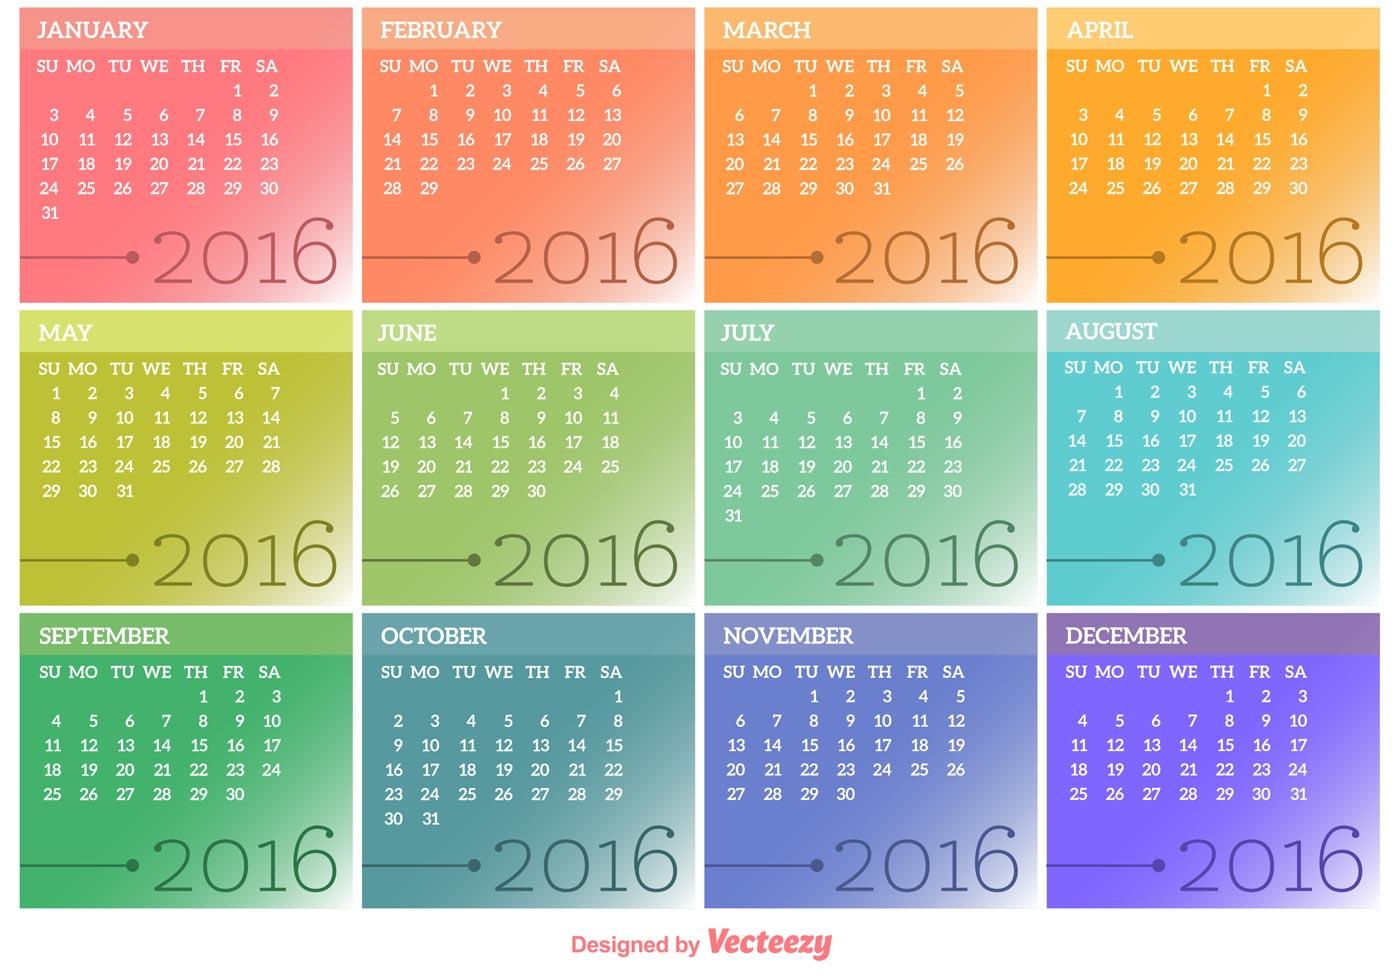 Vector Calendar 2016 - Download Free Vector Art, Stock Graphics ...